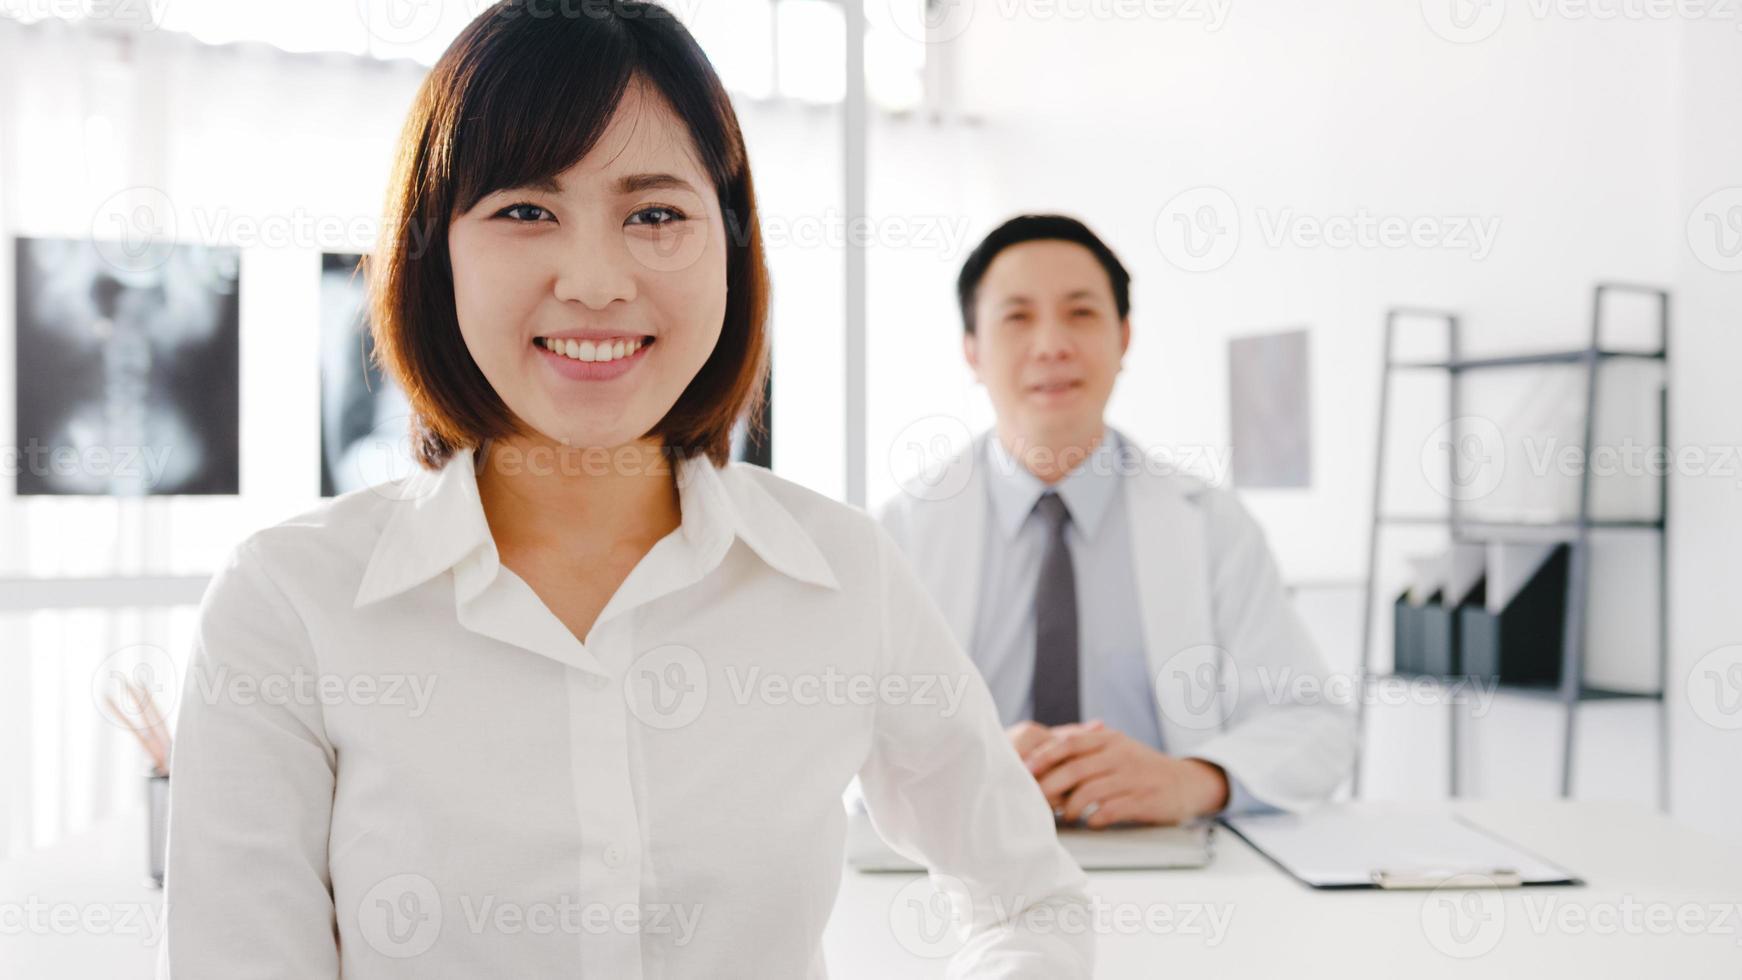 confiante asiático médico masculino em uniforme médico branco e jovem paciente olhando para a câmera e sorrindo enquanto consulta médica na mesa de clínica de saúde ou hospital. conceito de consultoria e terapia foto